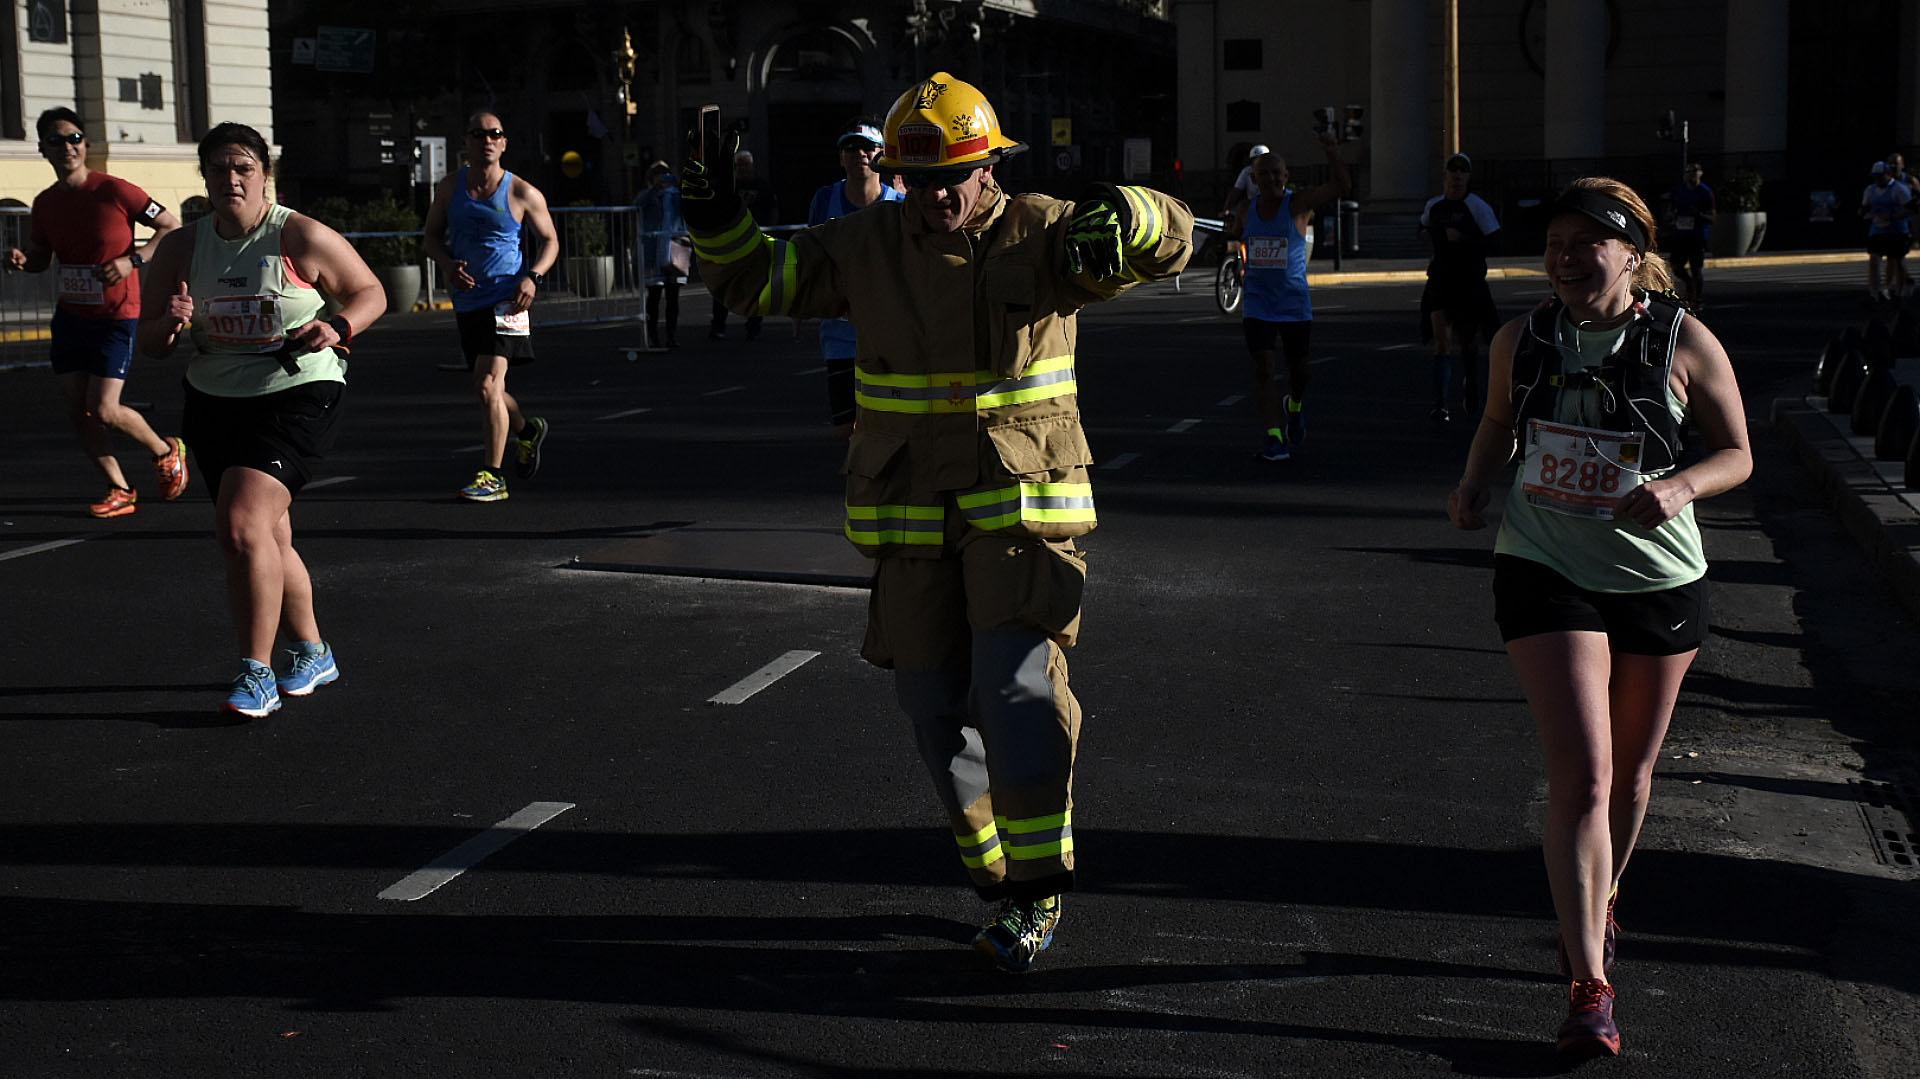 La maratón también dejó lugar para que algún voluntario se sume durante unos metros y aporte algo de humor